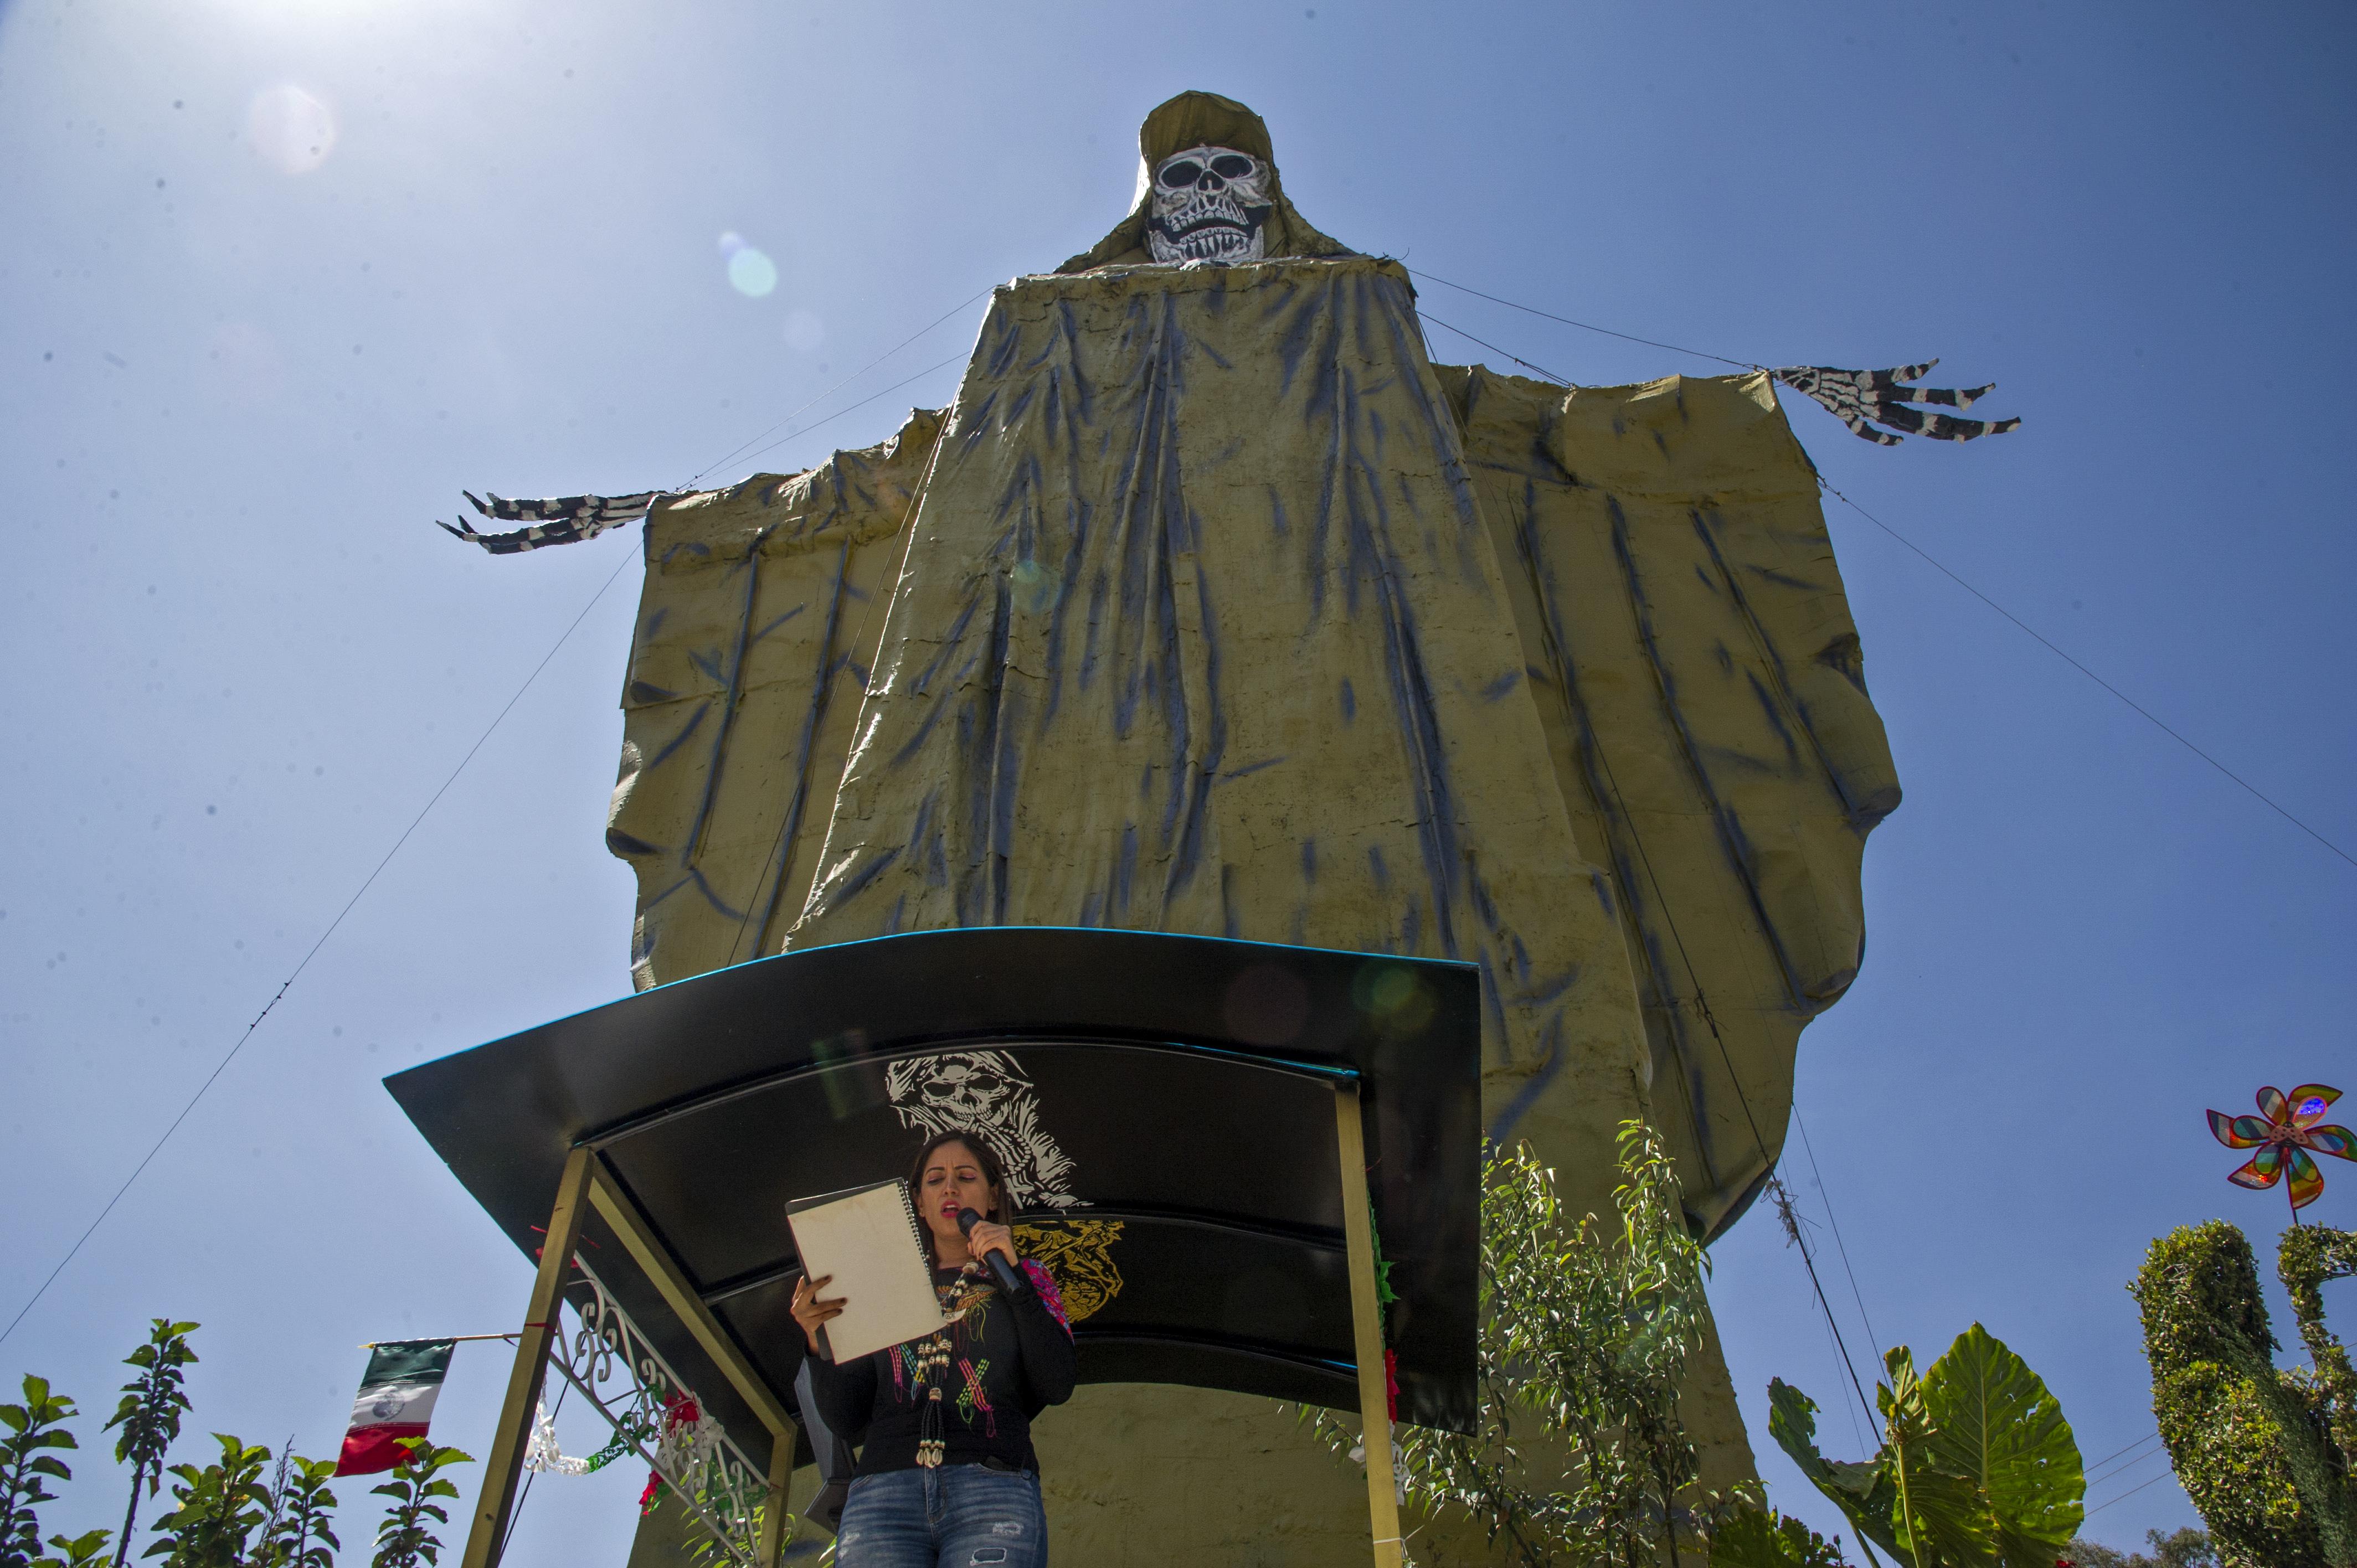 Cristel Legaria, madrina del Santuario Internacional de la Santa Muerte, lee junto a una figura de la santa de 22 metros de altura durante una ceremonia en el municipio de Tultitlán, Estado de México, México, el 4 de octubre de 2020